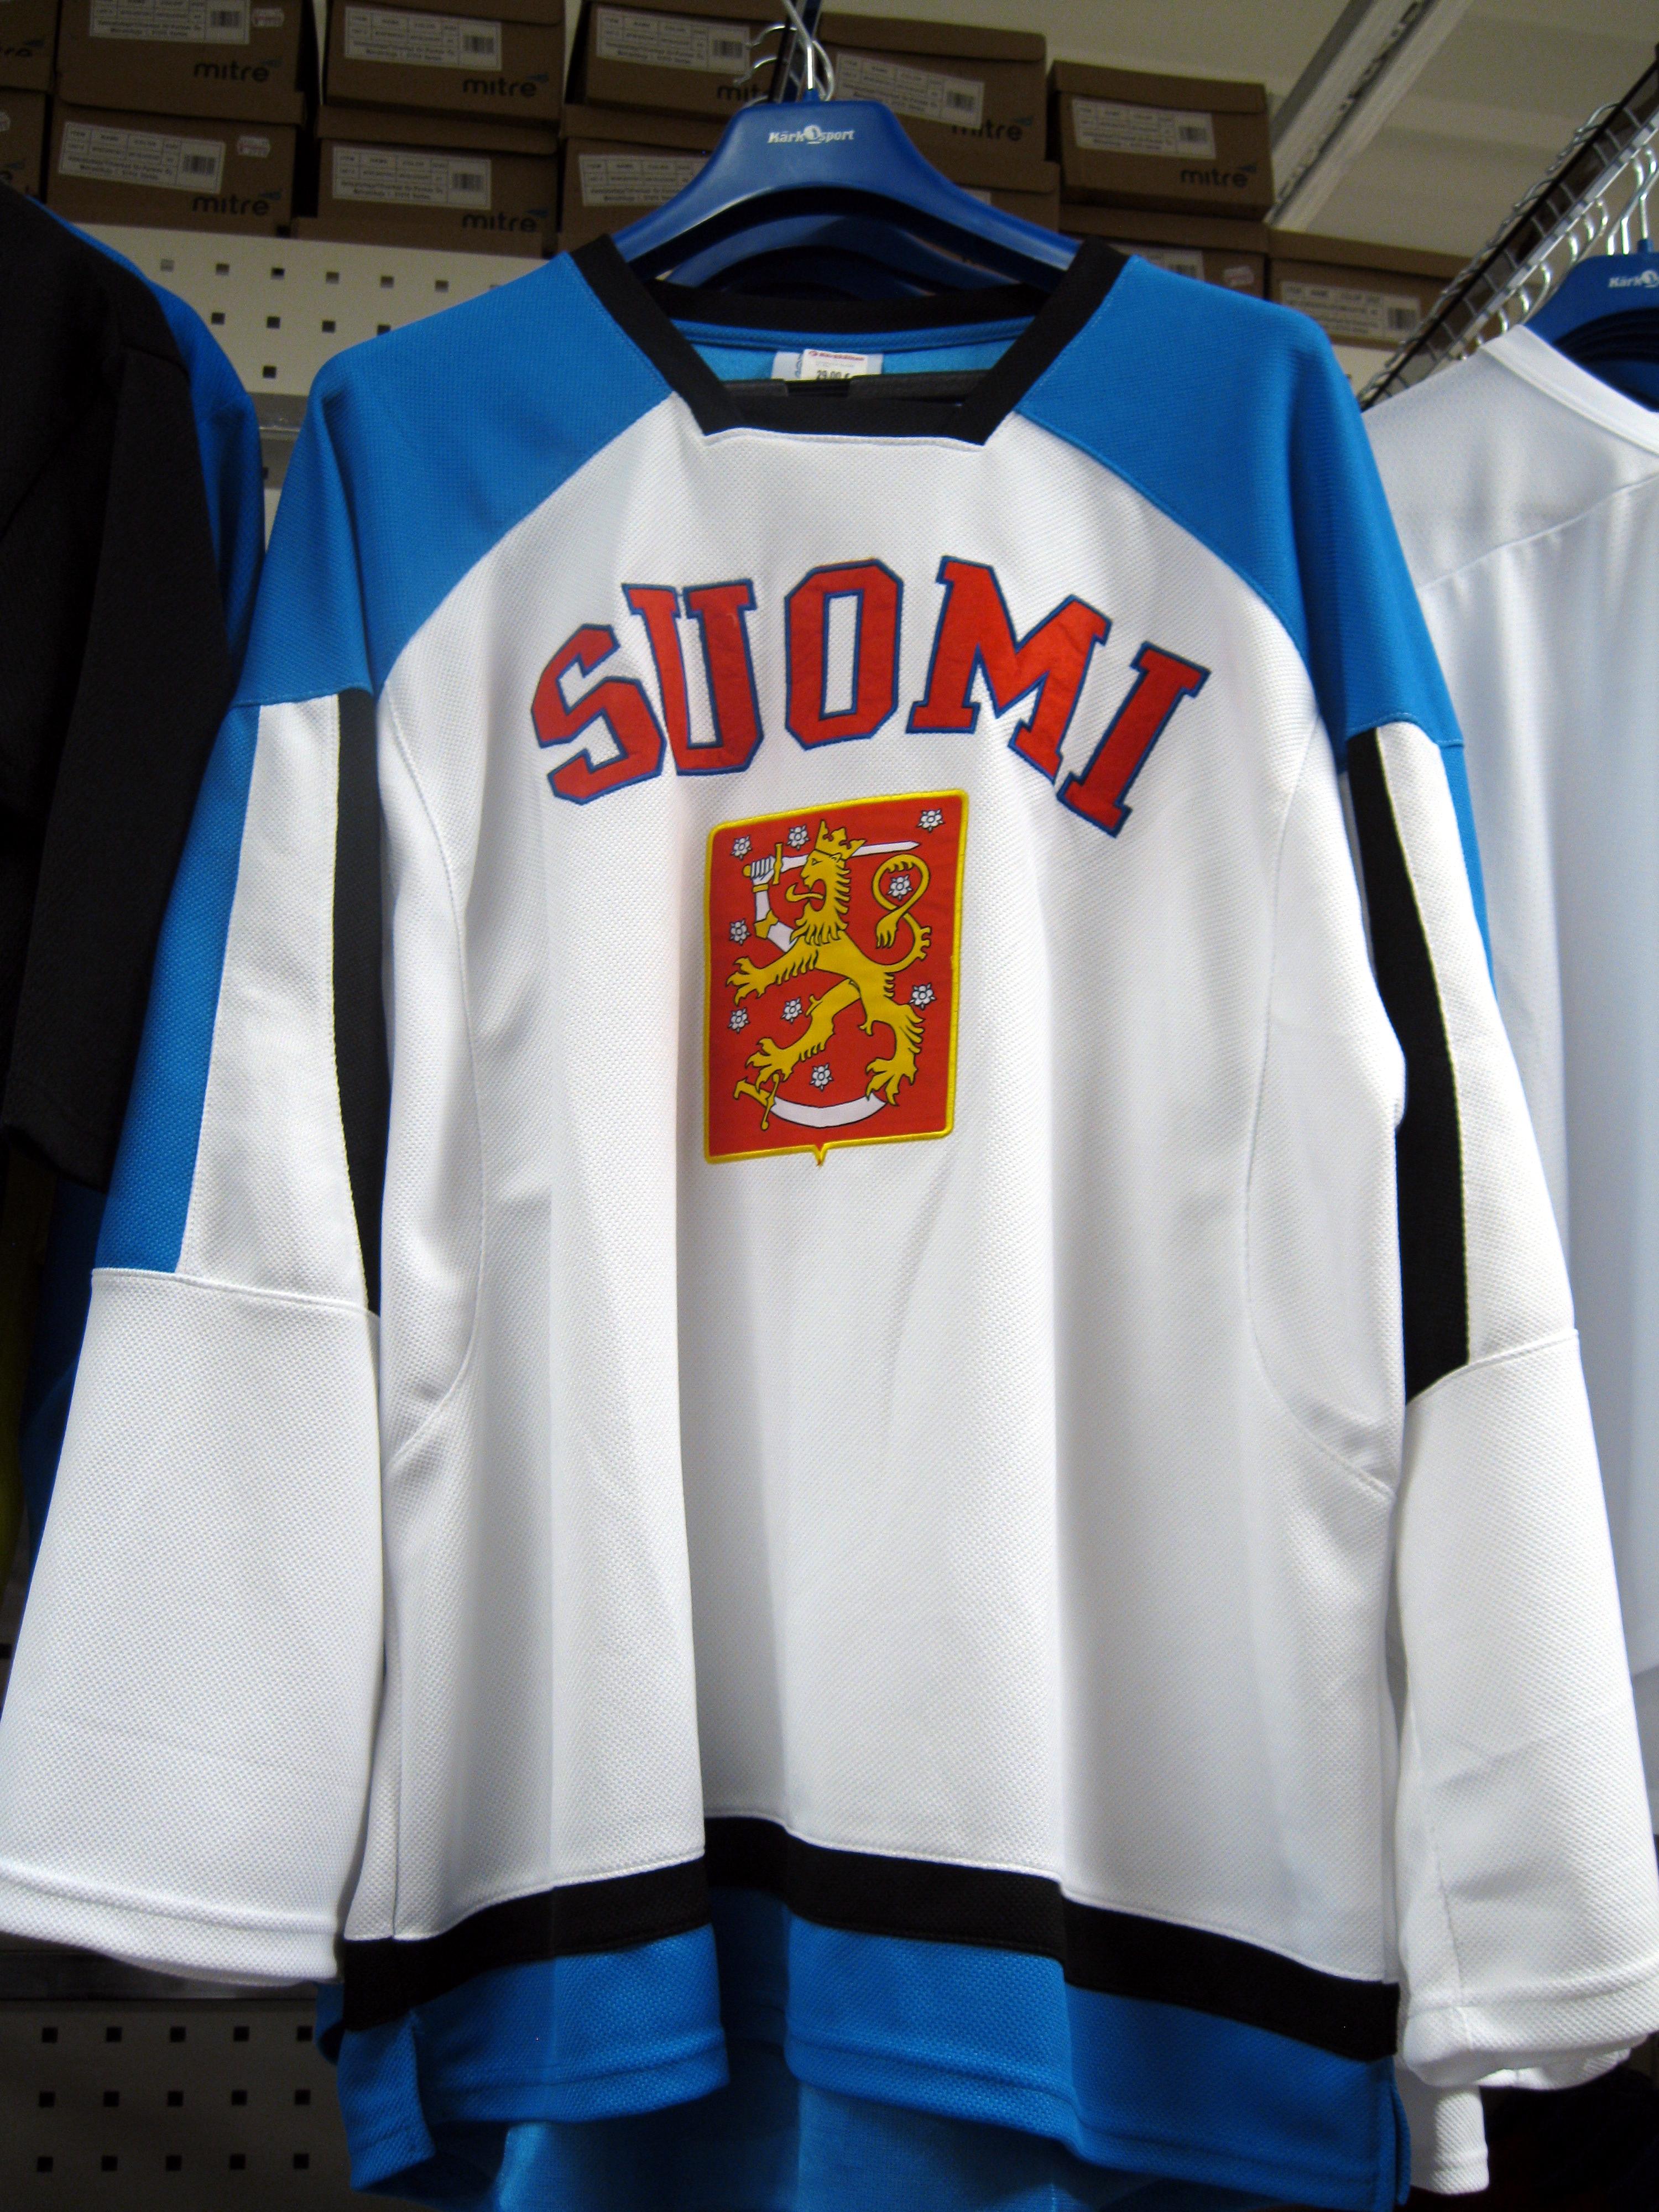 fan ice. file:finland fan ice hockey jersey.jpg